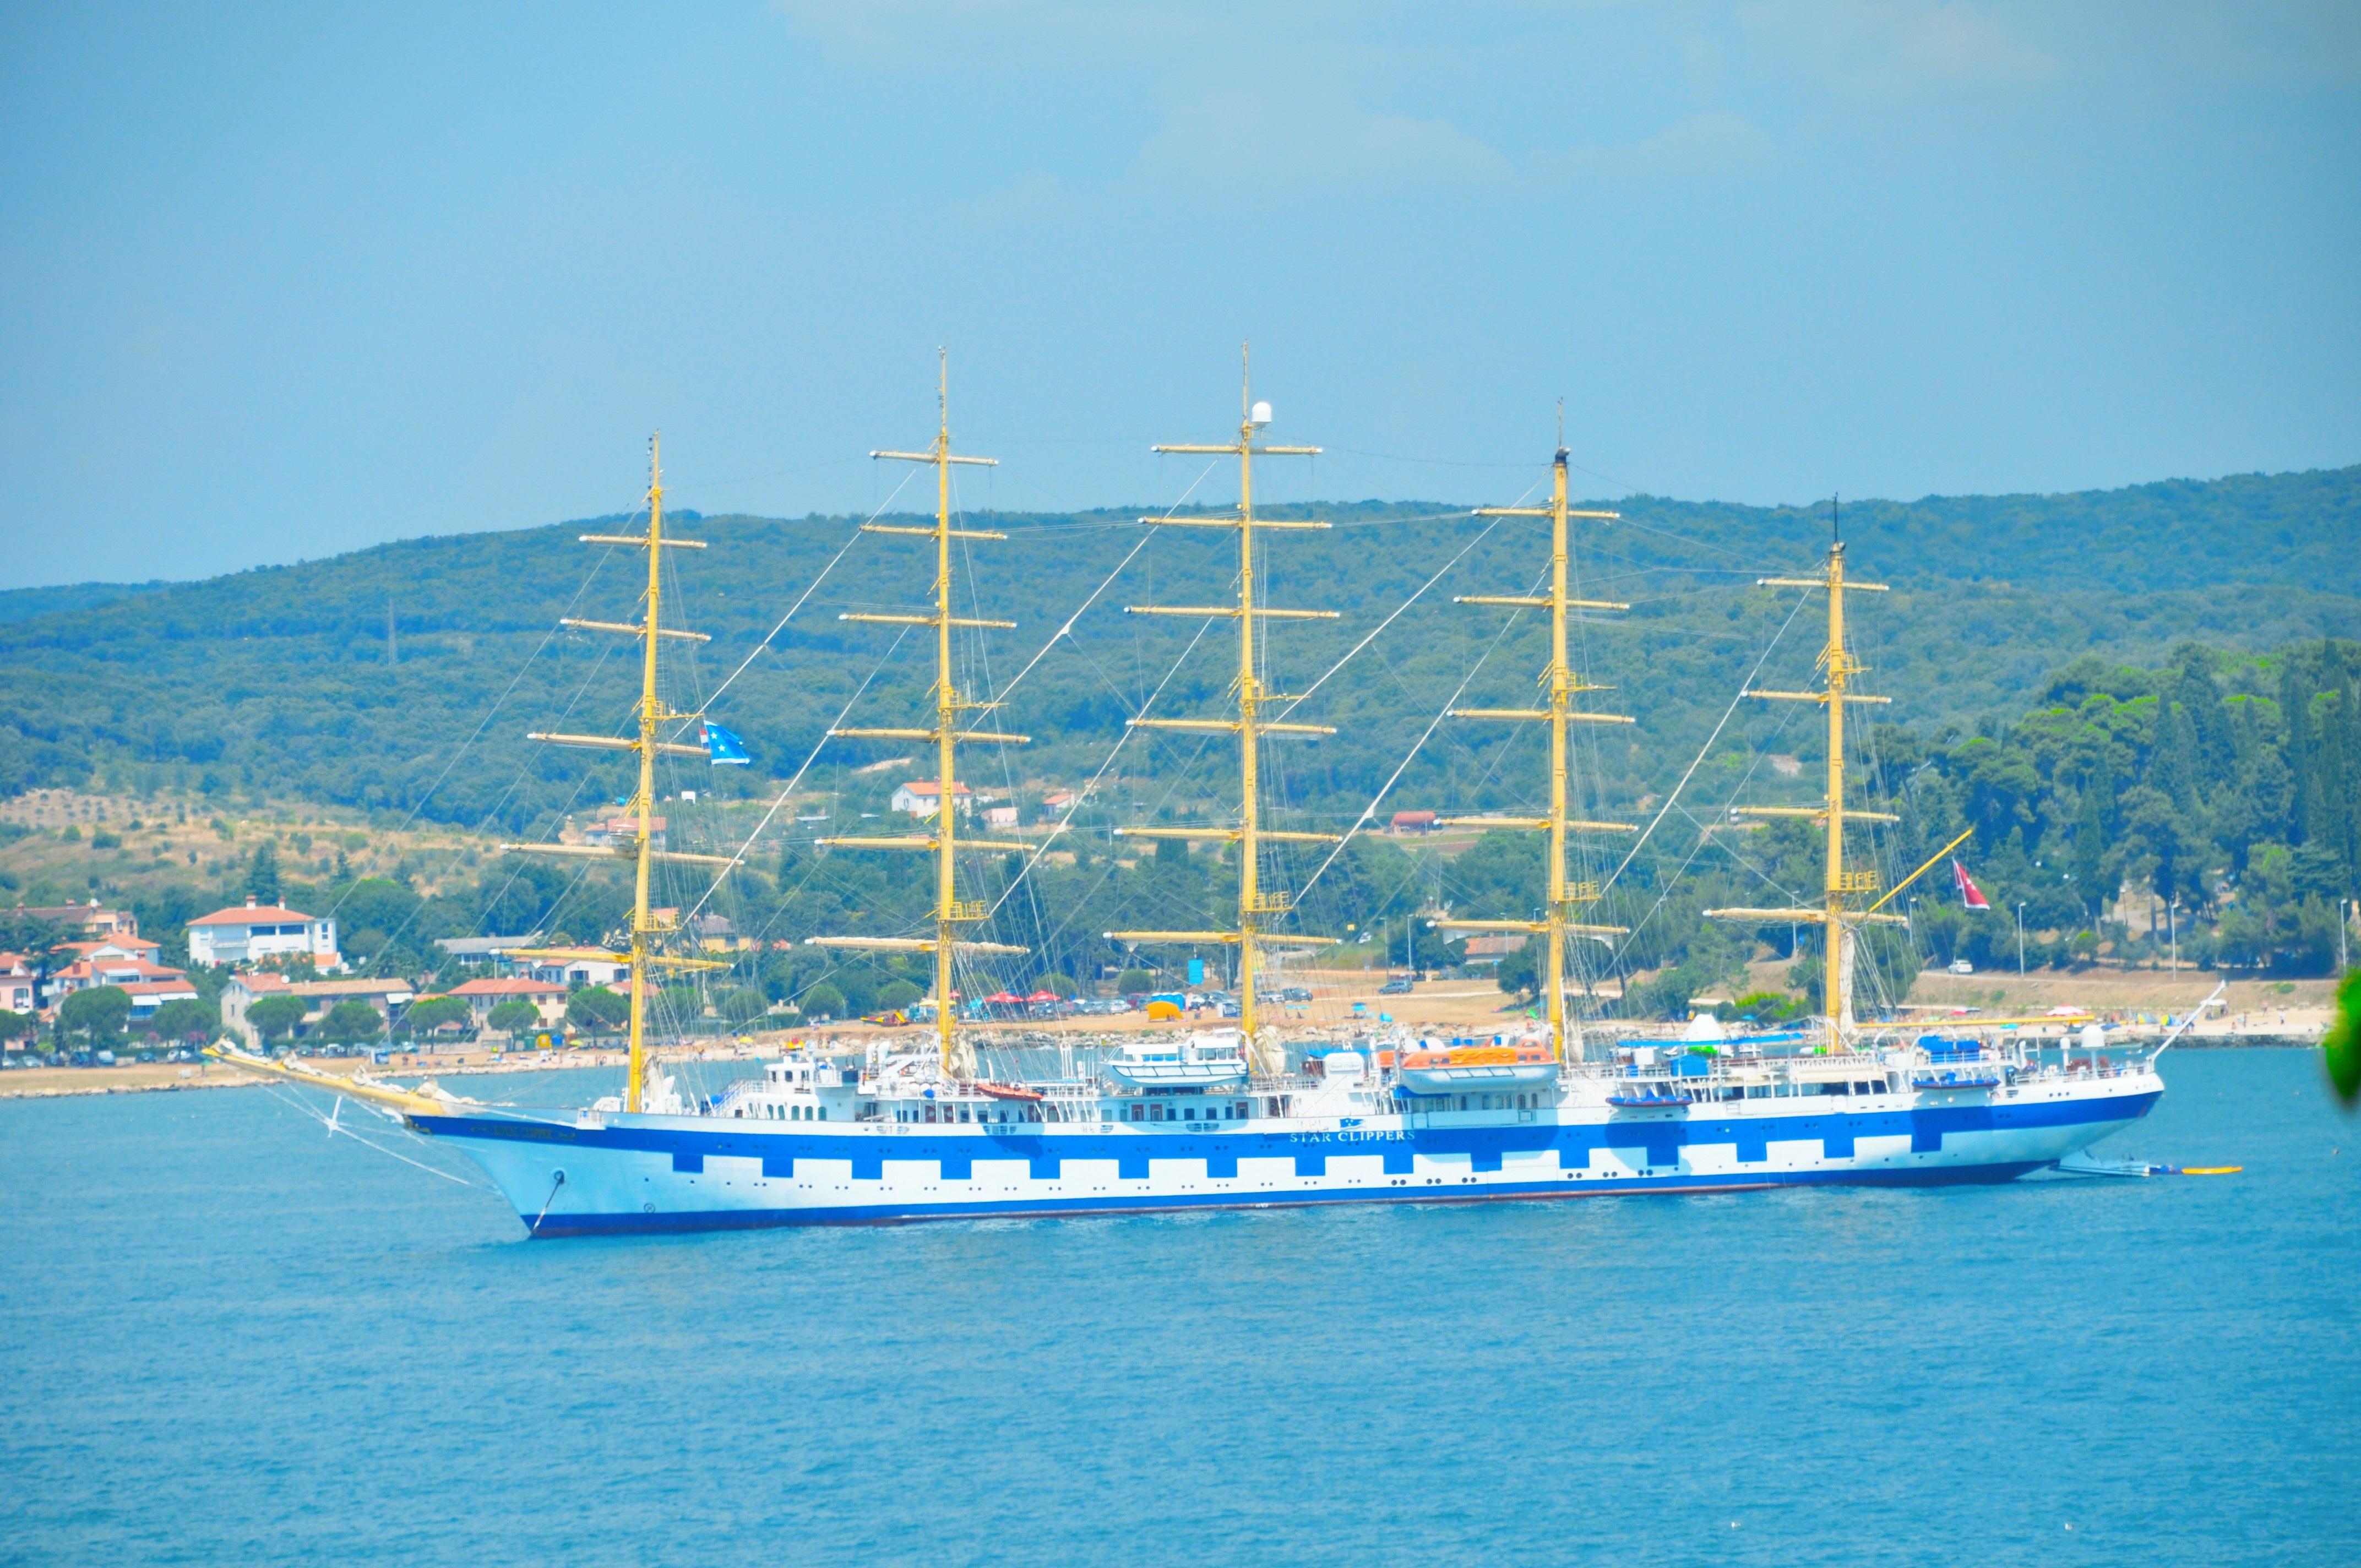 Segelschiffe auf dem meer  Kostenlose foto : Meer, Wasser, Himmel, Boot, Fahrzeug, Mast ...